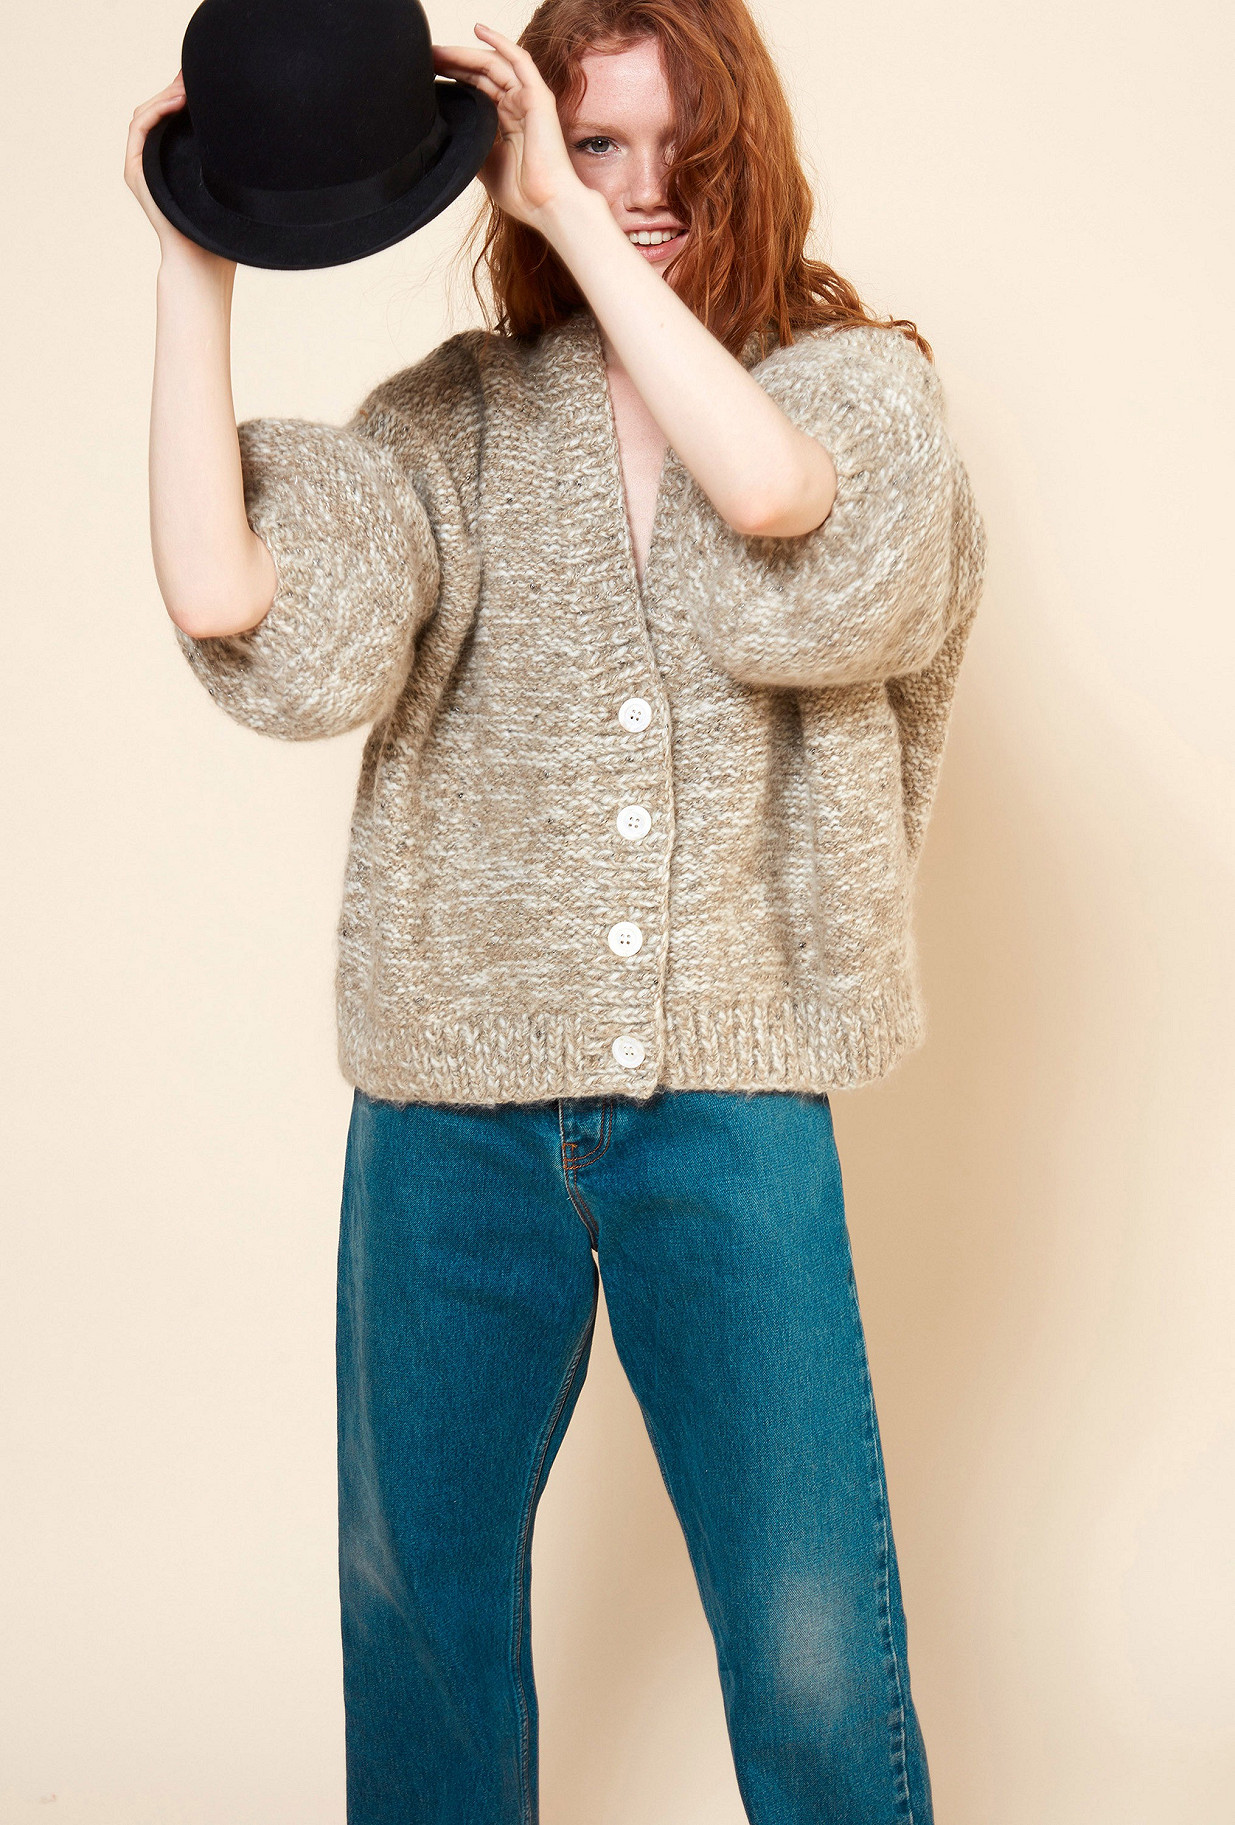 Ecru  Knit  Appalaches Mes demoiselles fashion clothes designer Paris